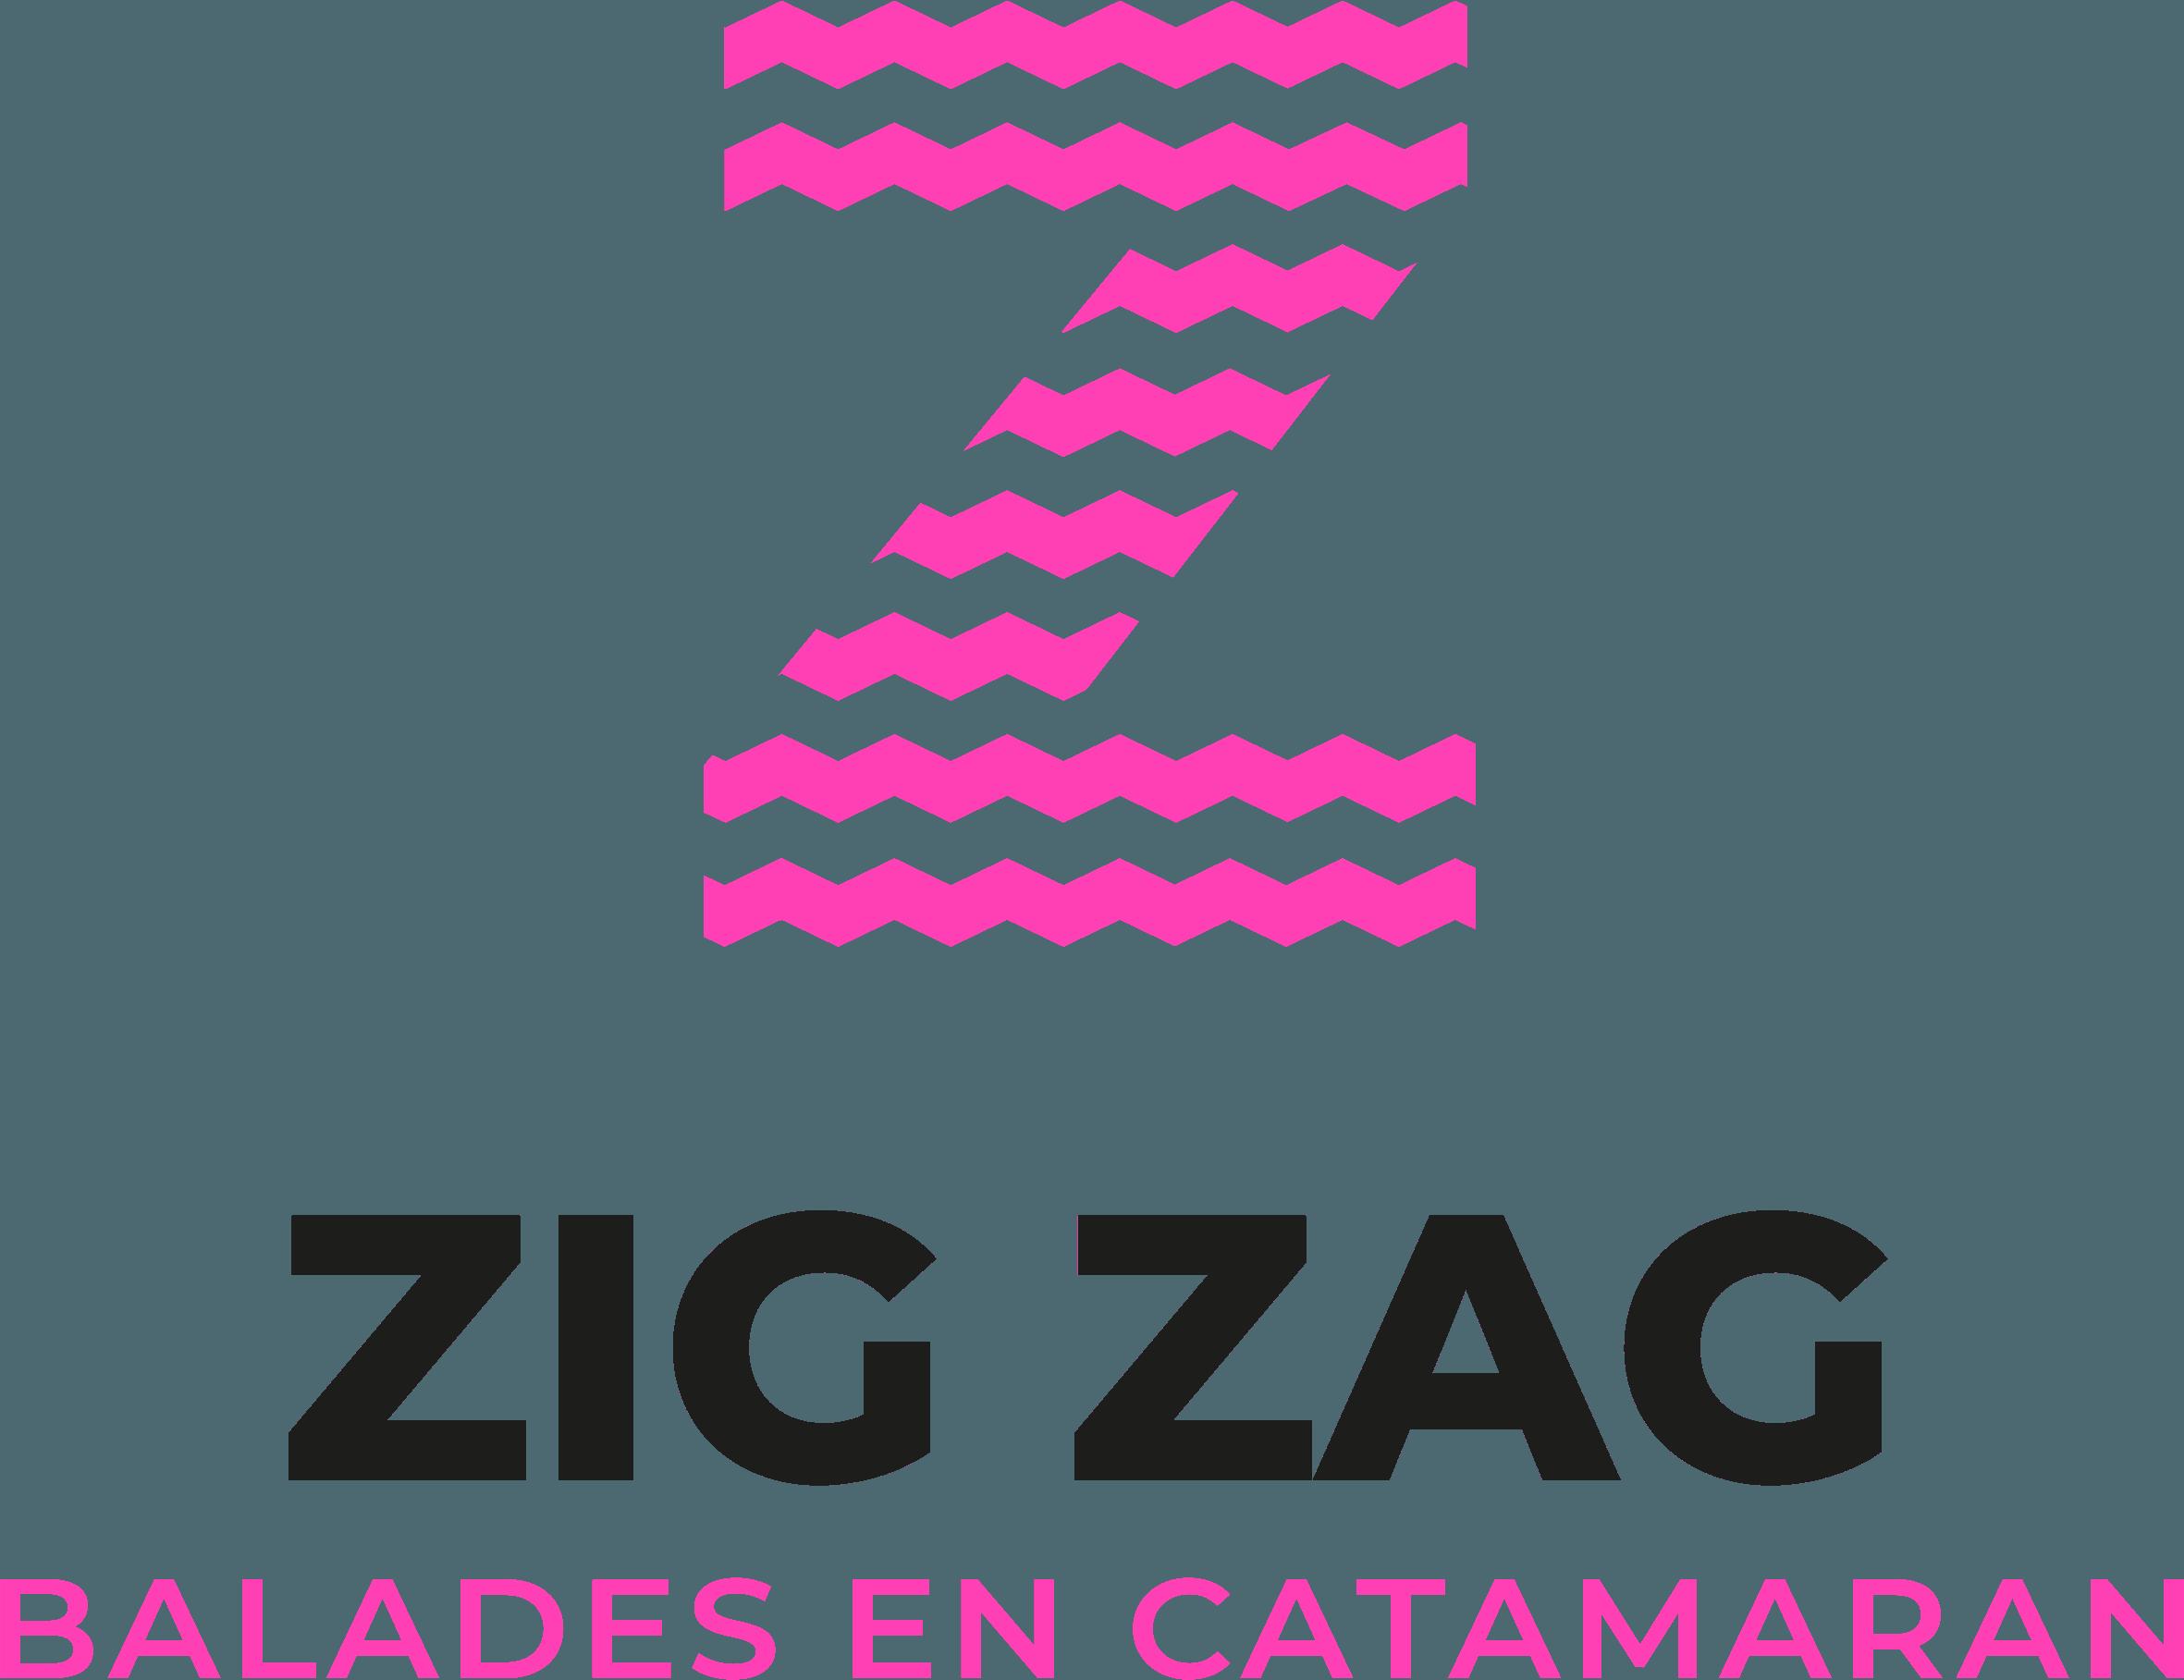 Zigzag catamaran - logo zigzag catamaran - 03